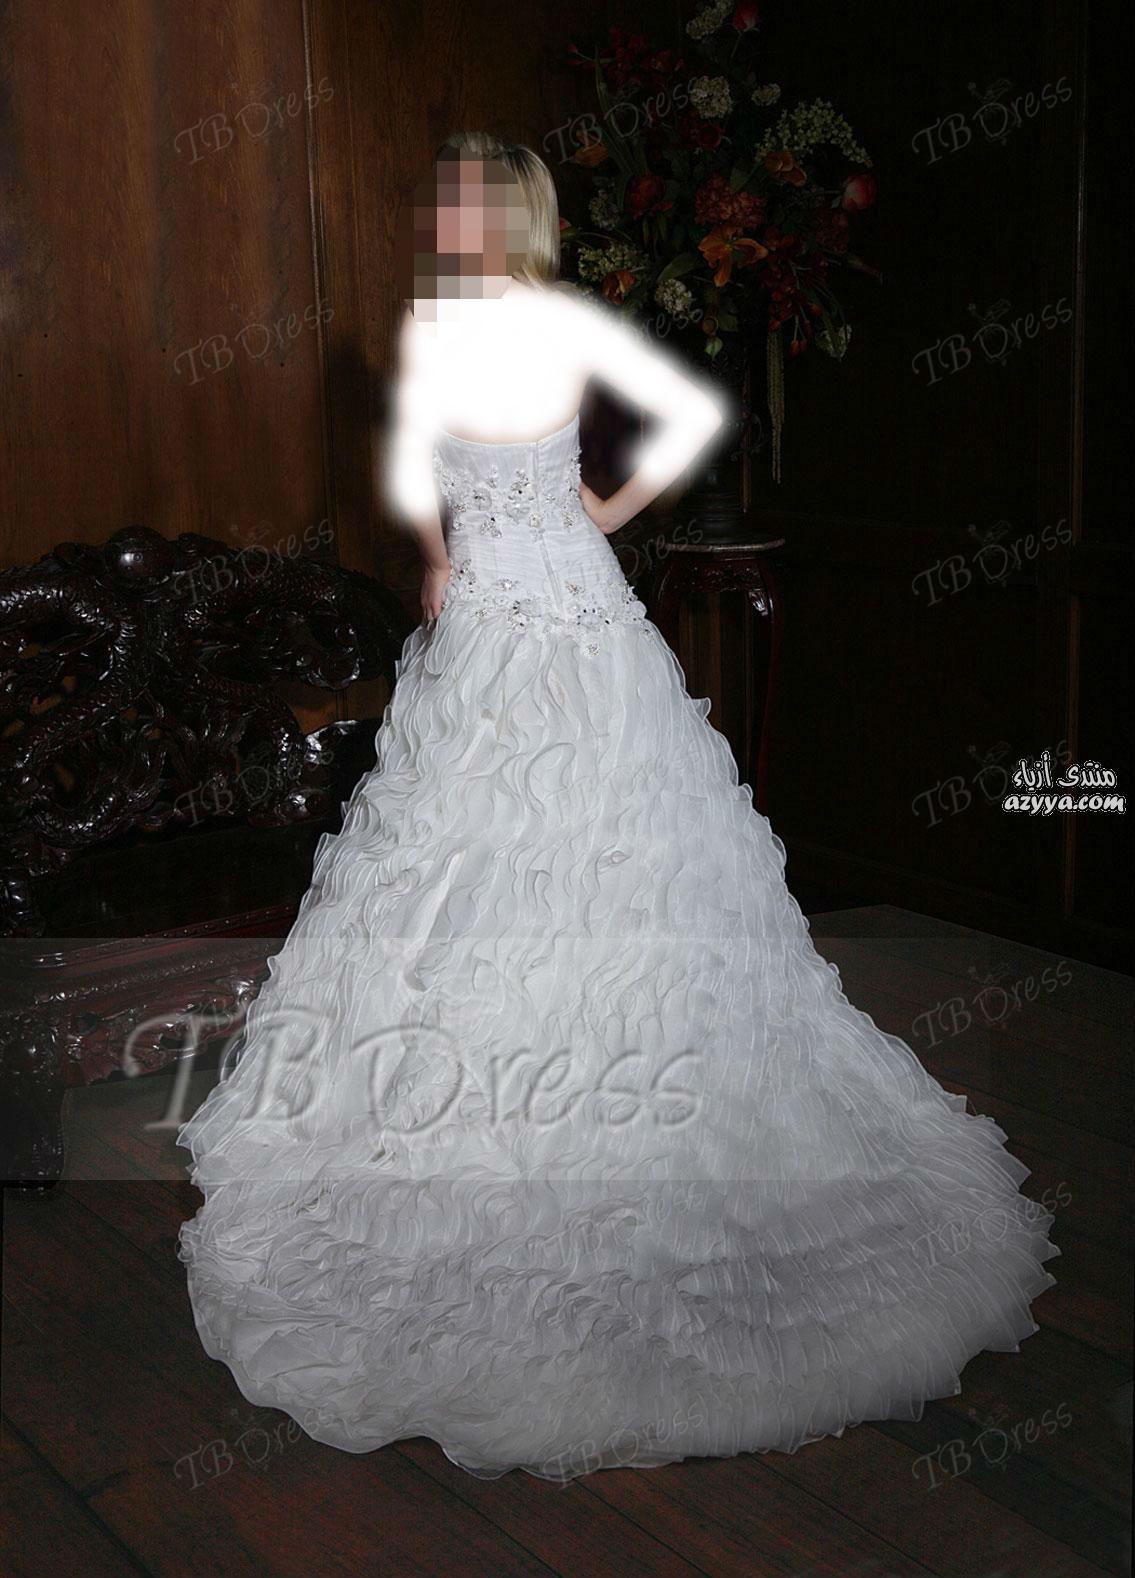 واختها.فساتين زفاف للعروس الرومانسيةبإطلالة الأميرات فساتين زفاف من Fashion Forwardفساتين